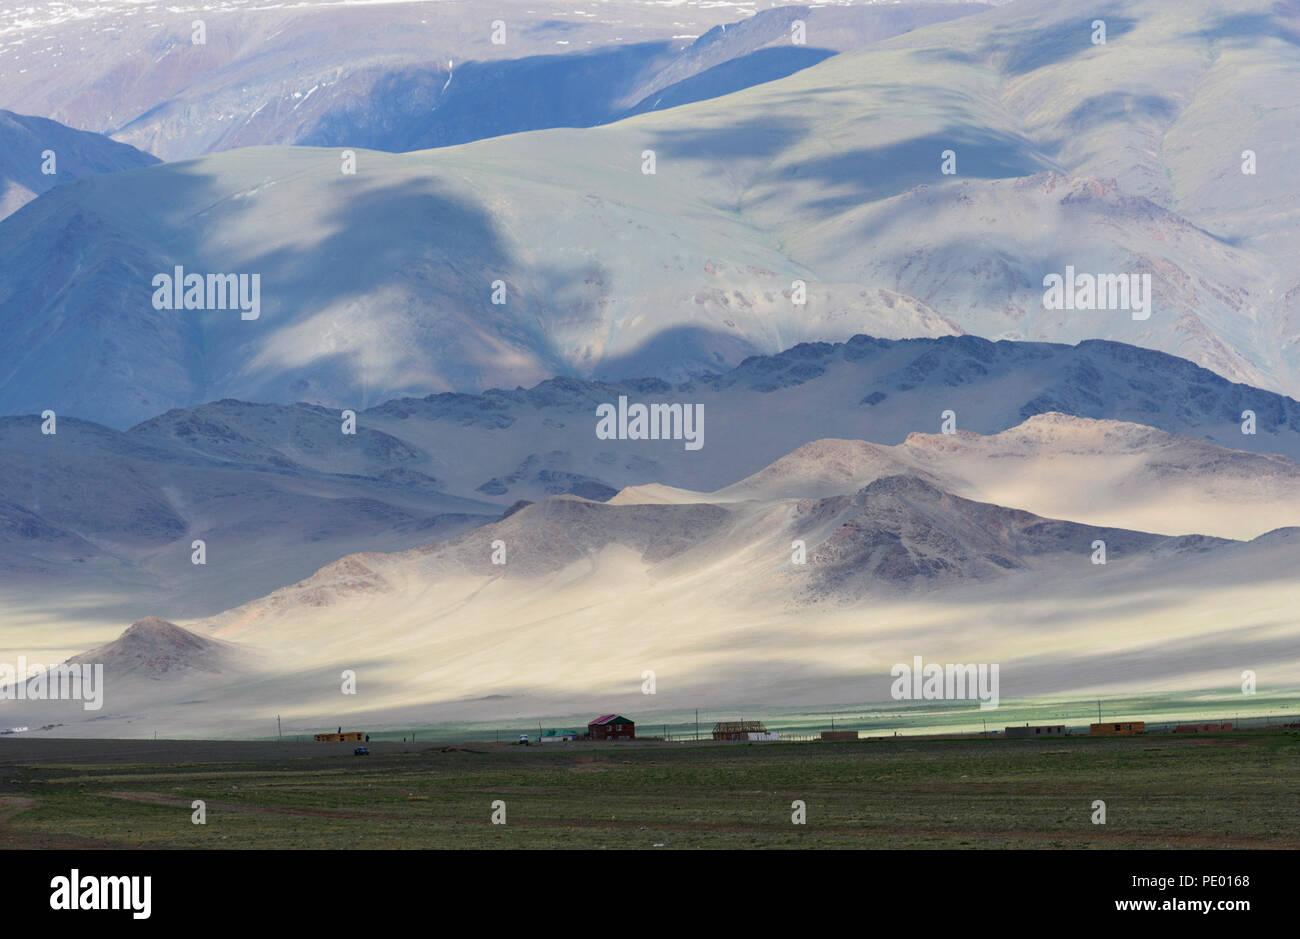 Landschaft in der Provinz Bayan-Ölgii, Mongolei. Stockfoto